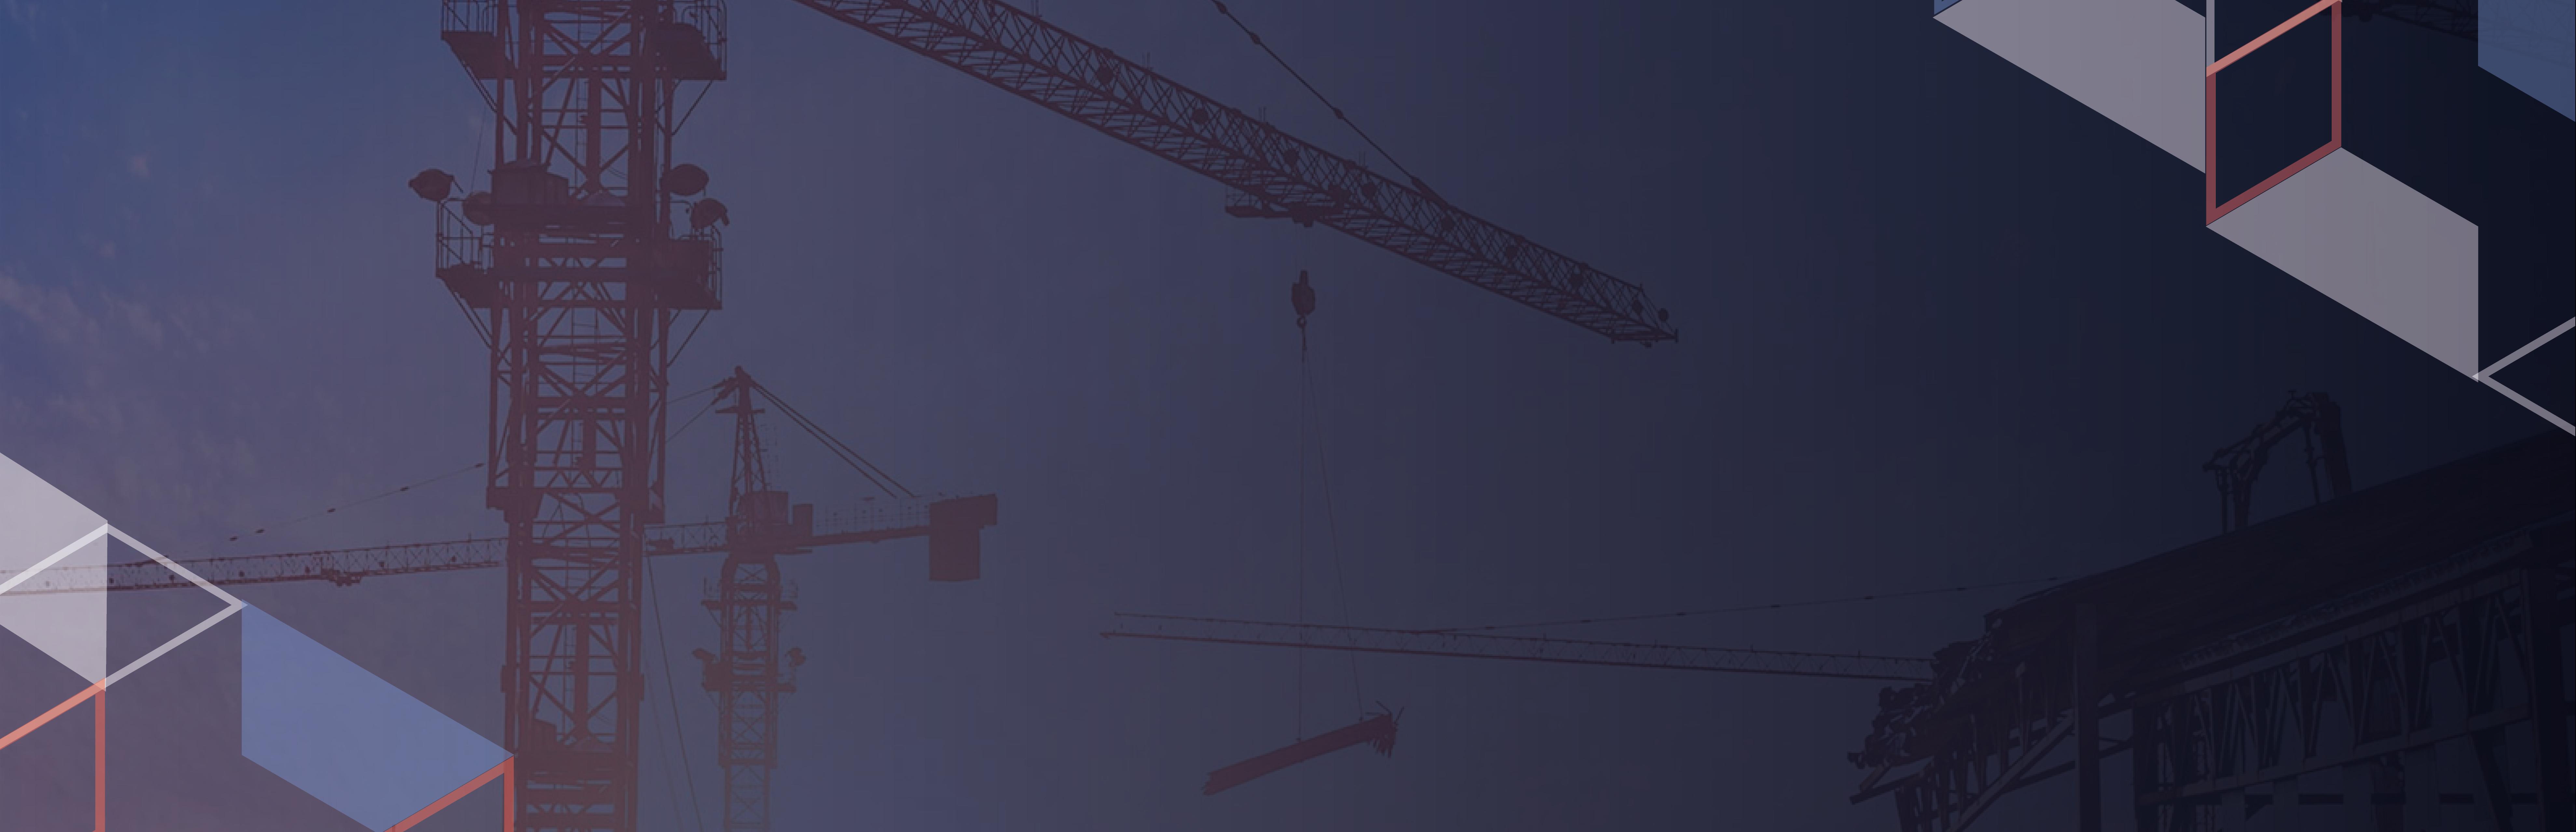 constru_i: inovação na prática na obra